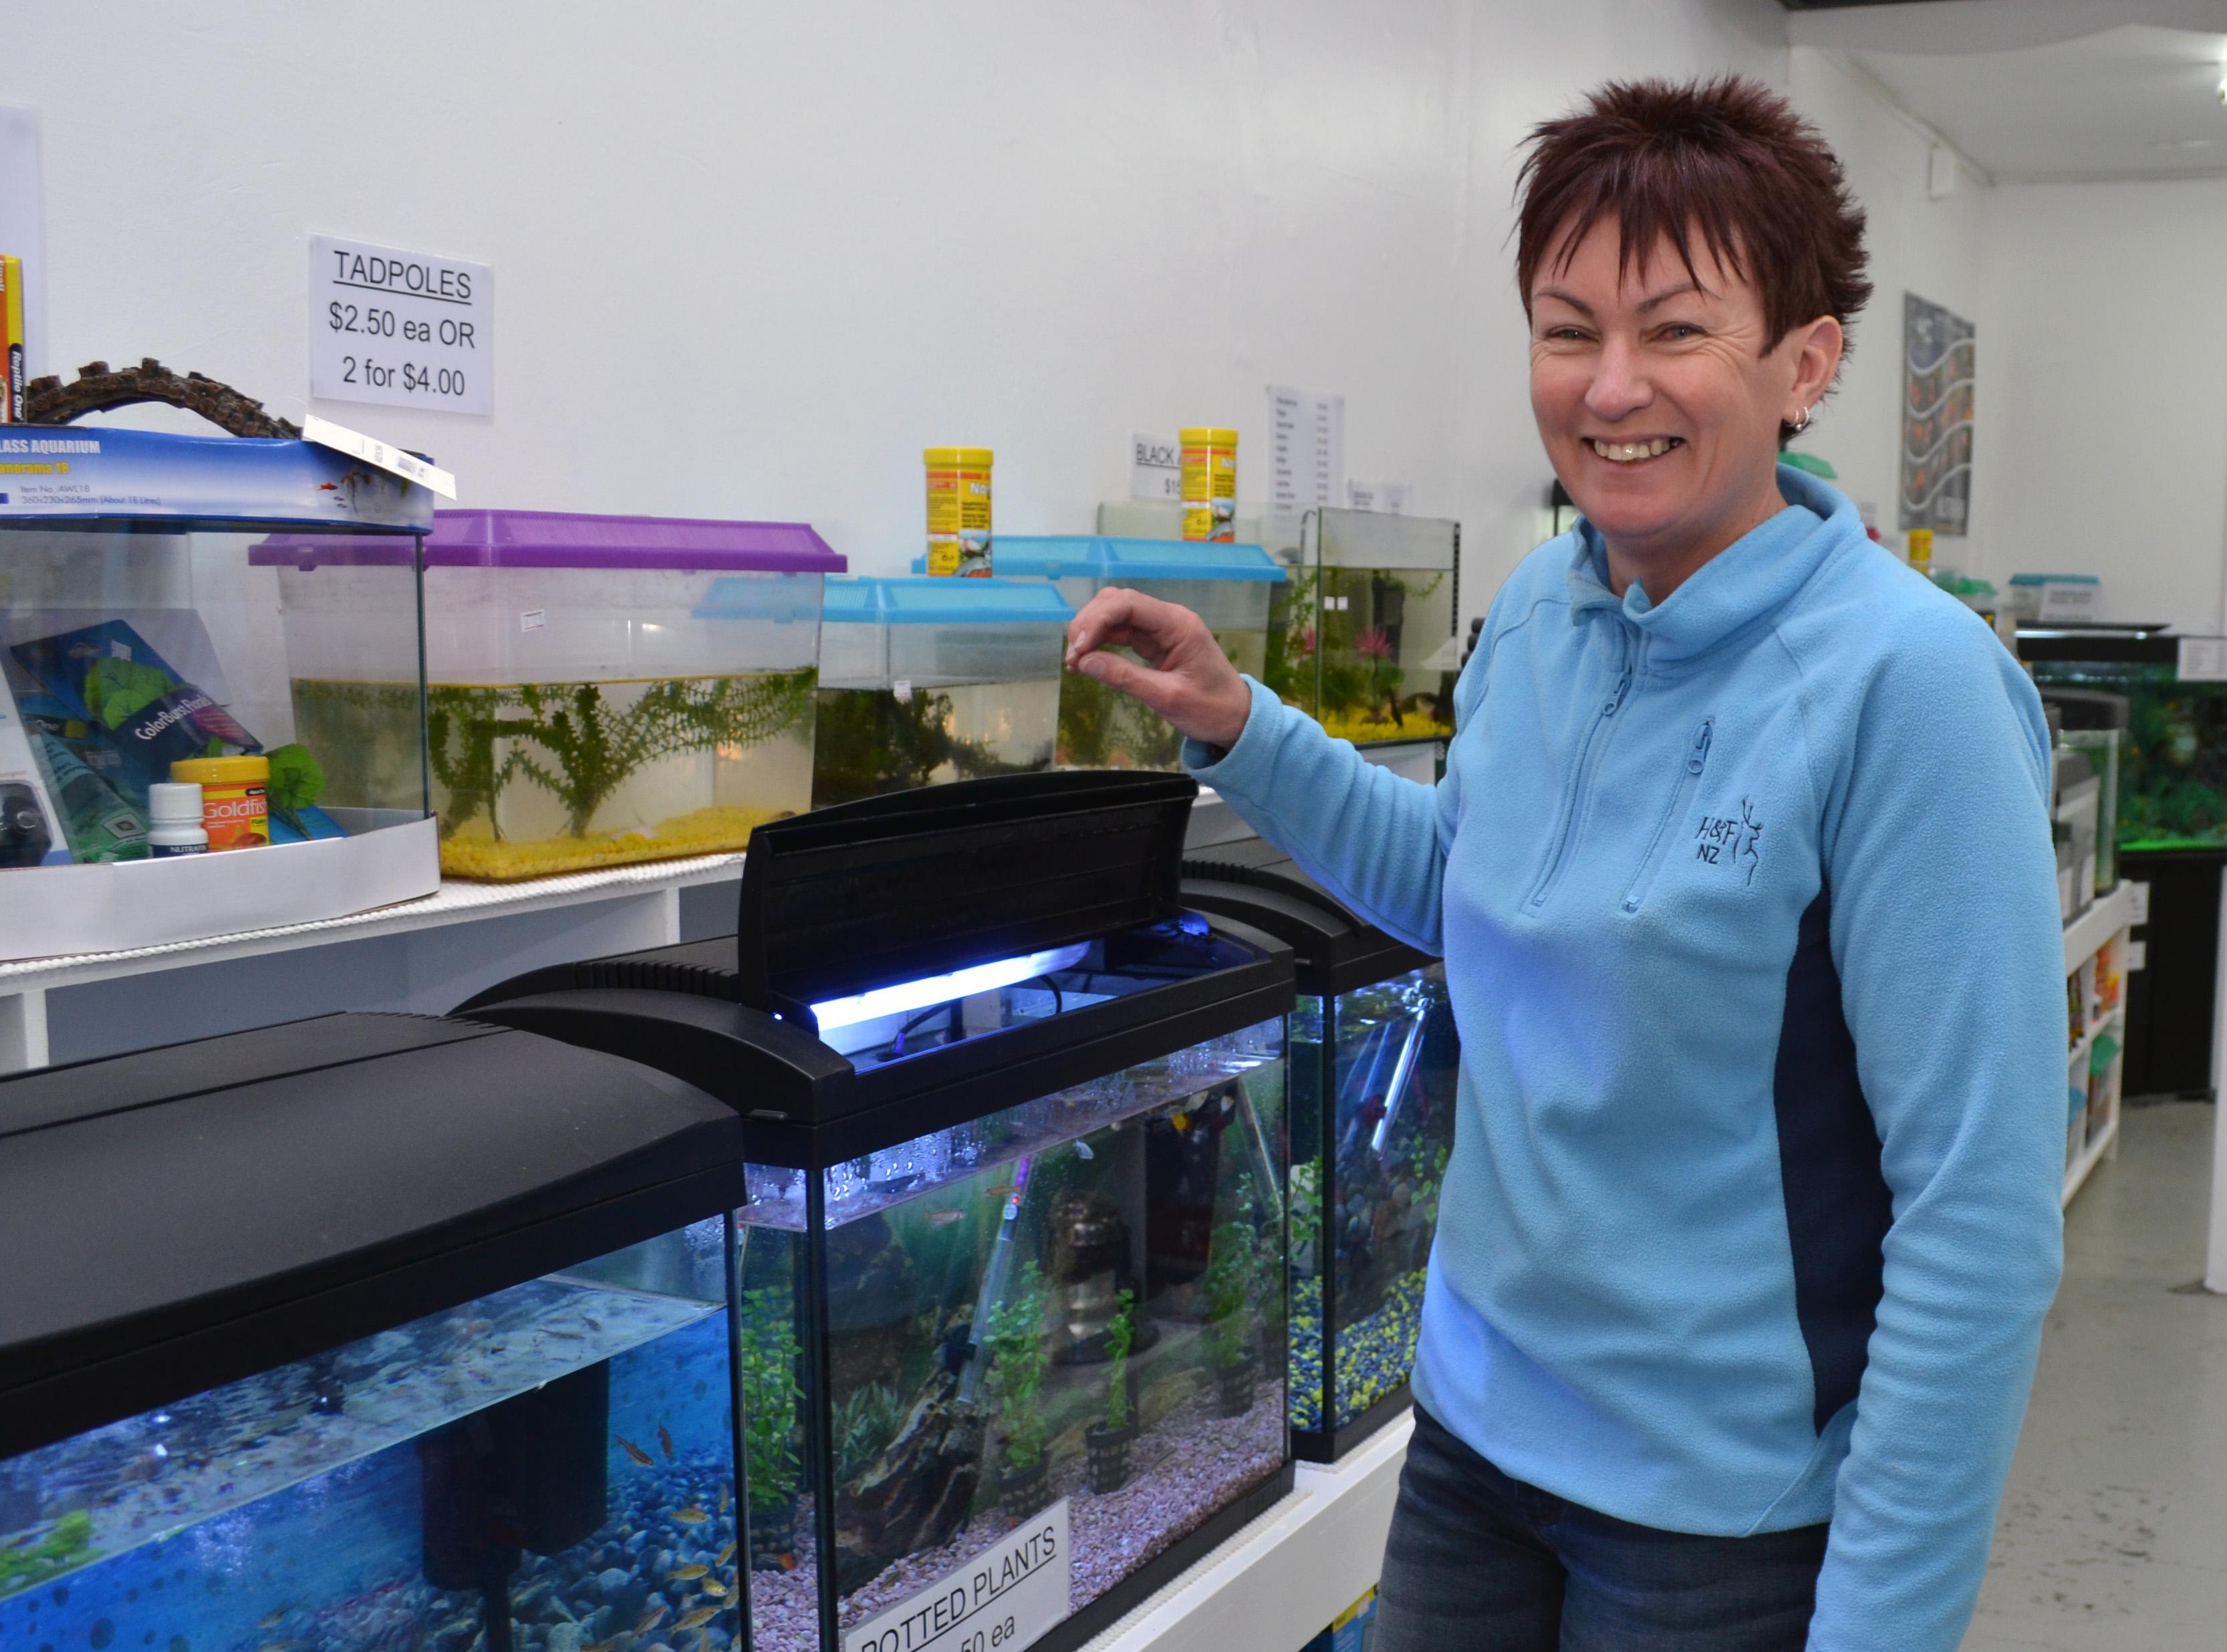 Business opens up new world - NZ Herald